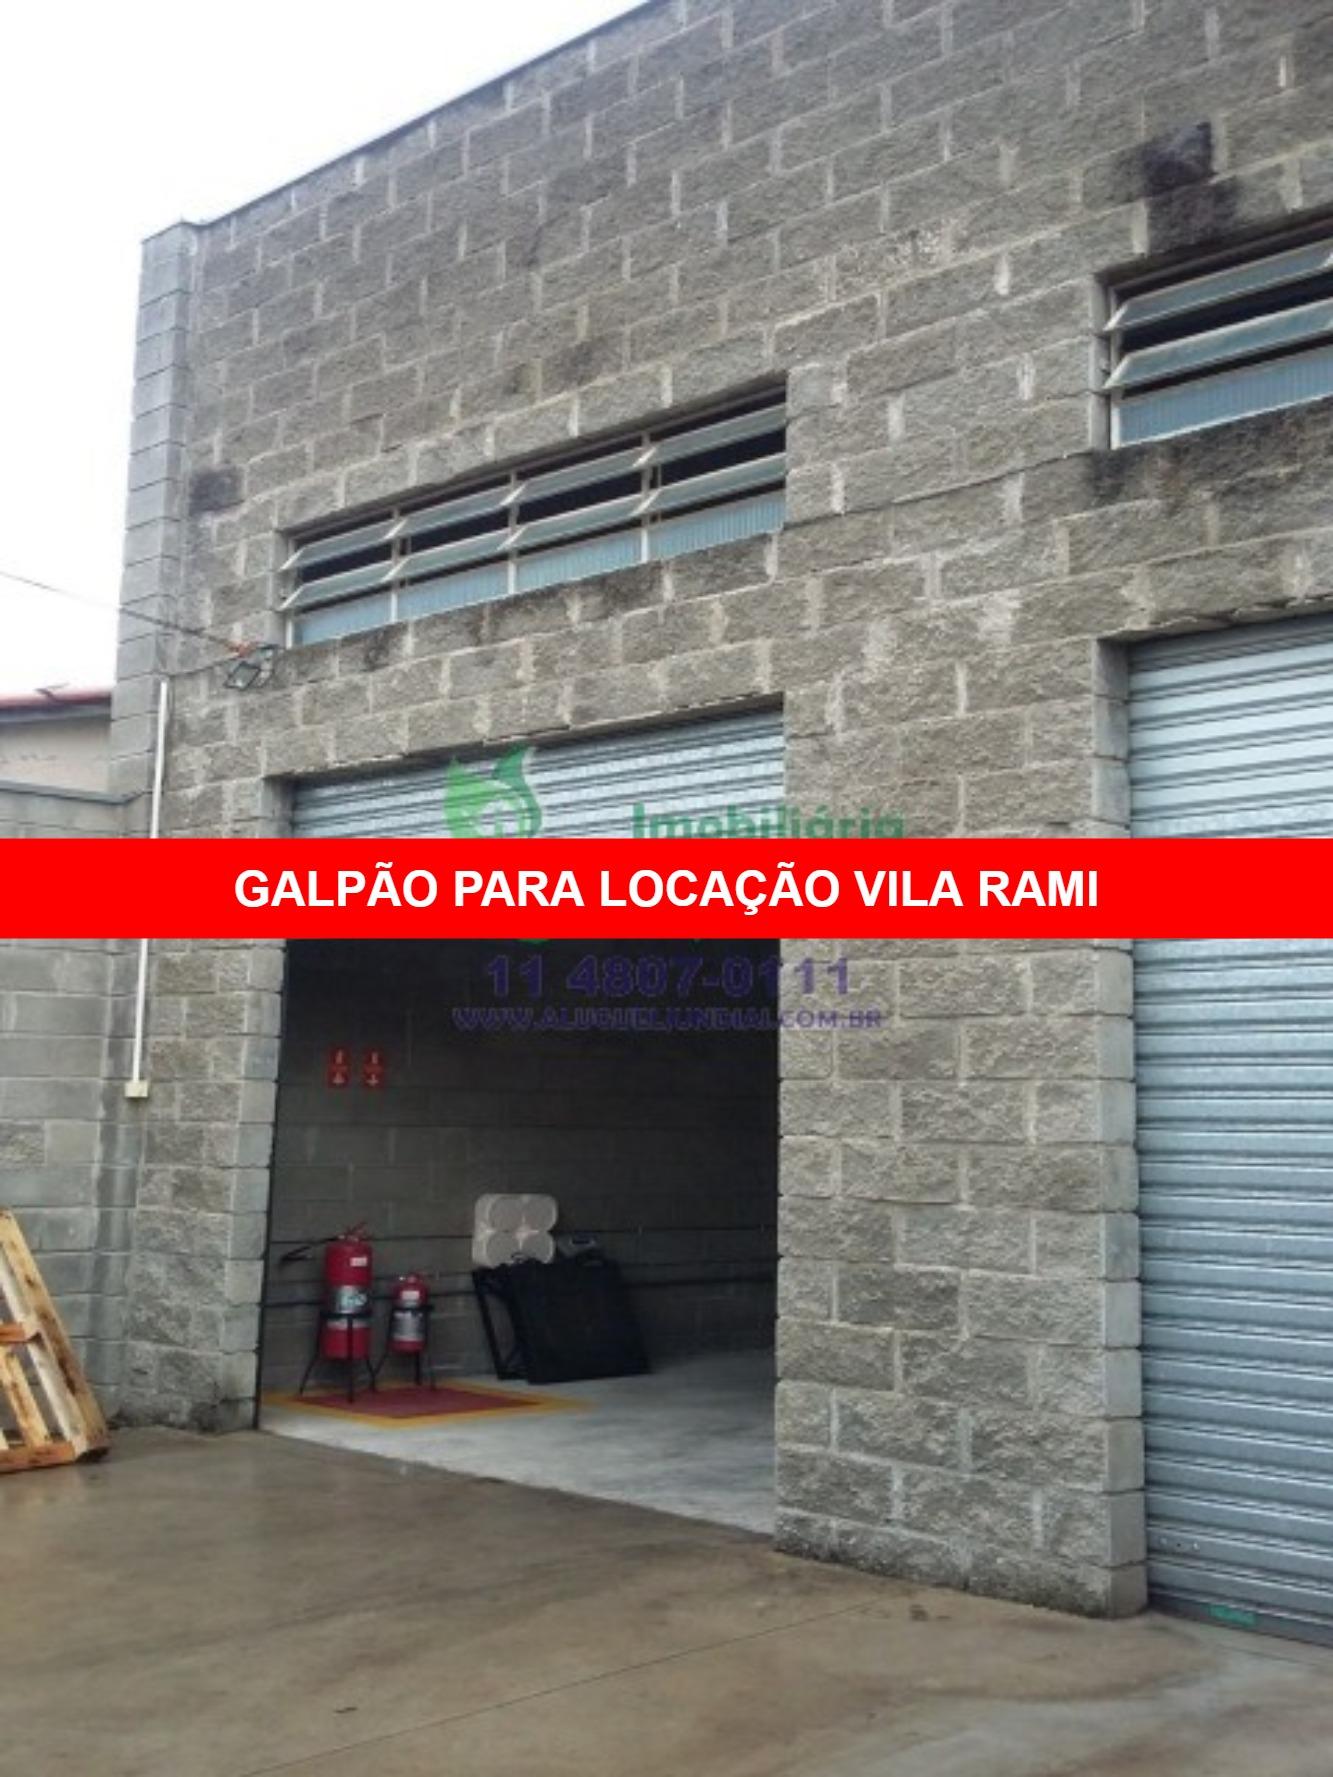 Excelente Galpão para locação em Jundiaí, Bairro Vila Rami, próximo a avenida 14 de Dezembro, 152m² terreno, 110m² área construída, 02 wc, 02 vagas fr